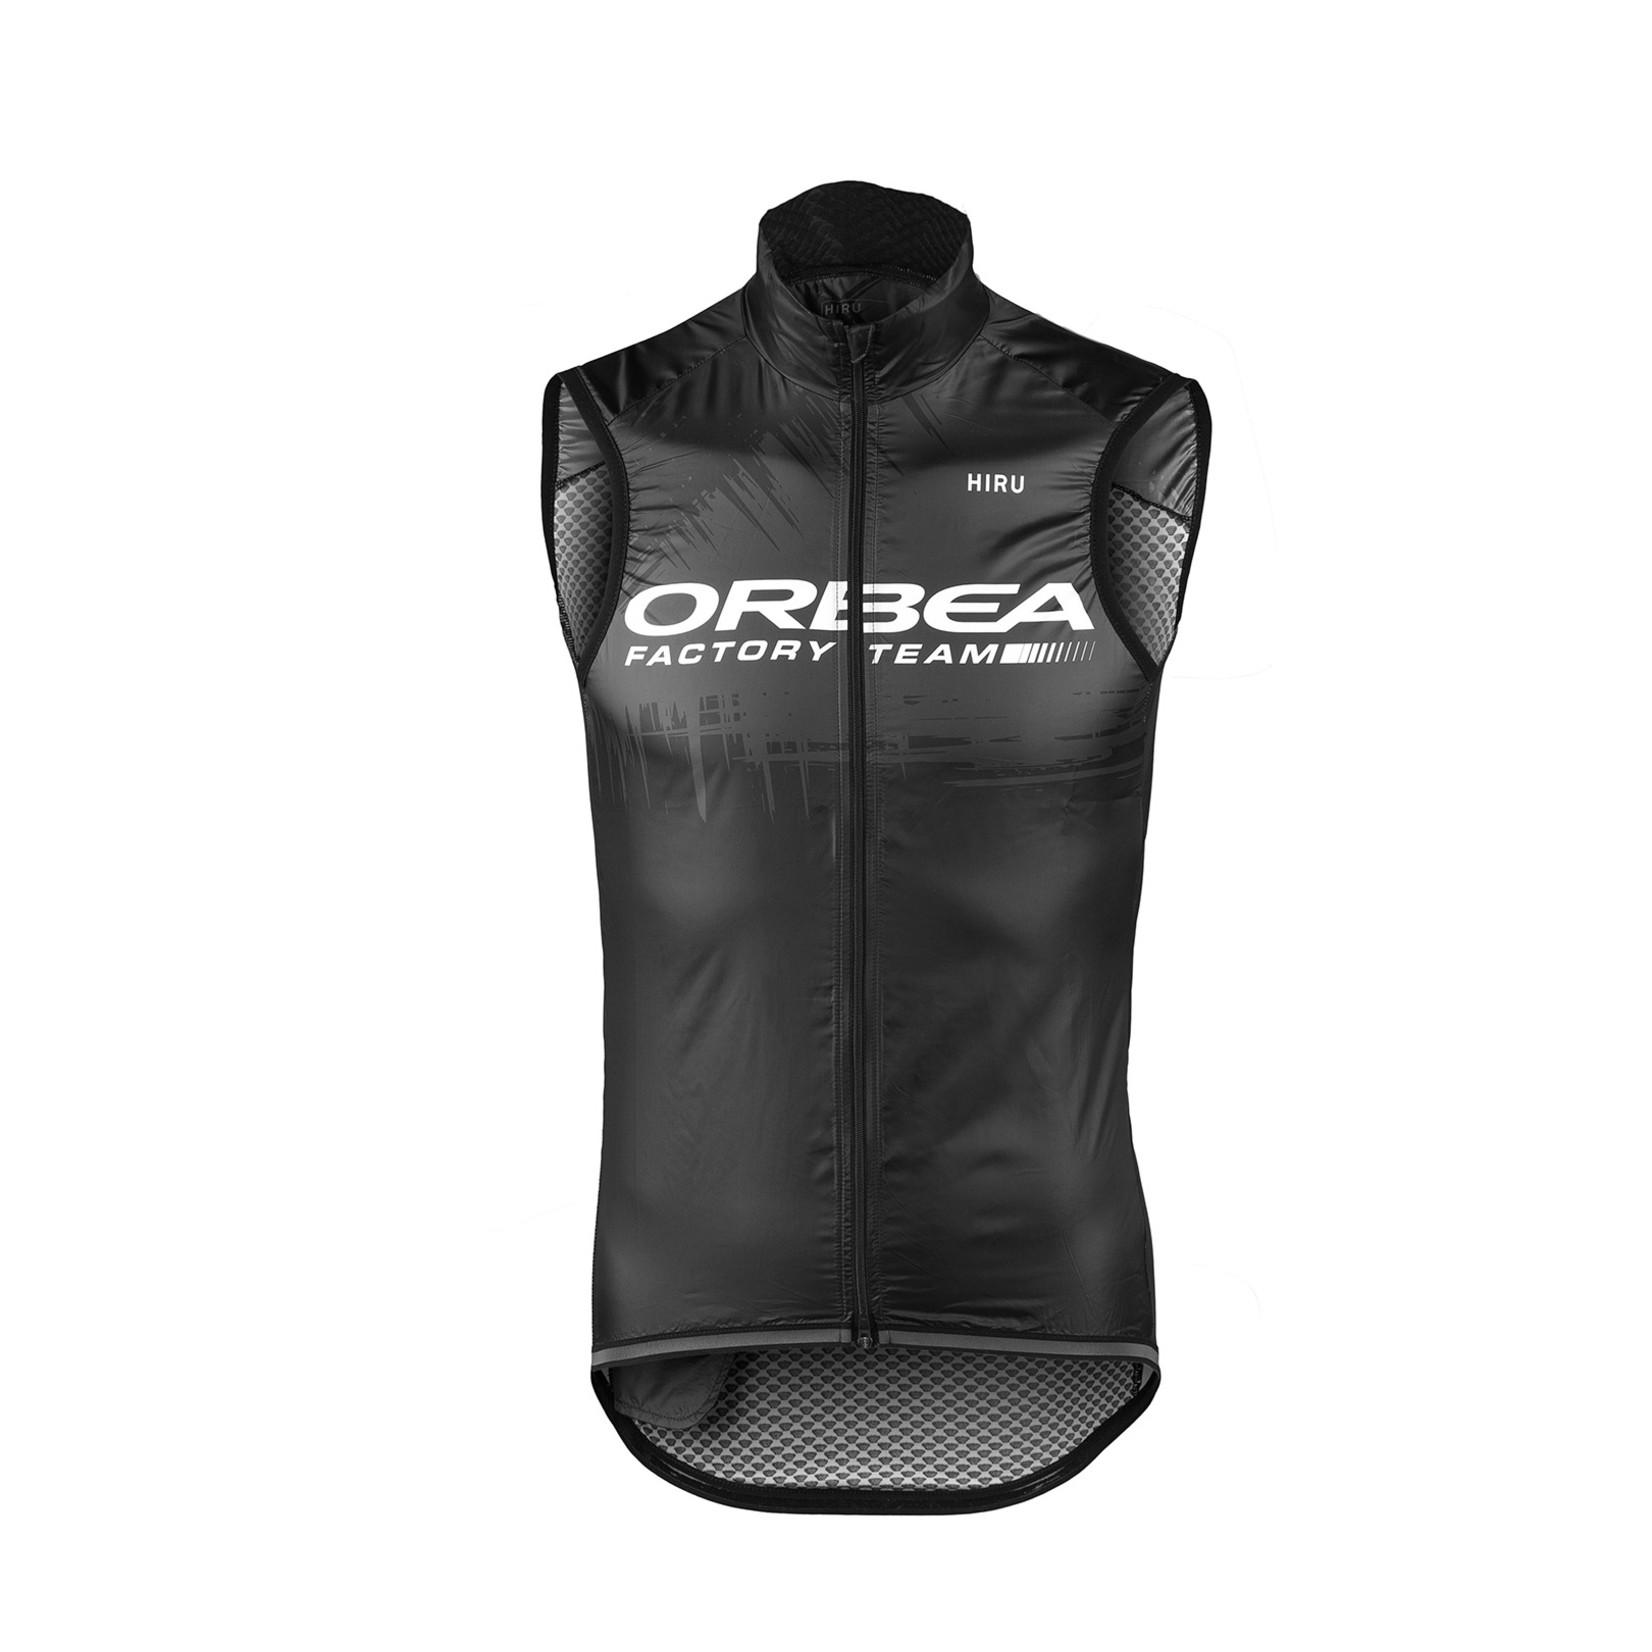 Orbea ORBEA MEN'S WINDBREAK GILET LIGHT